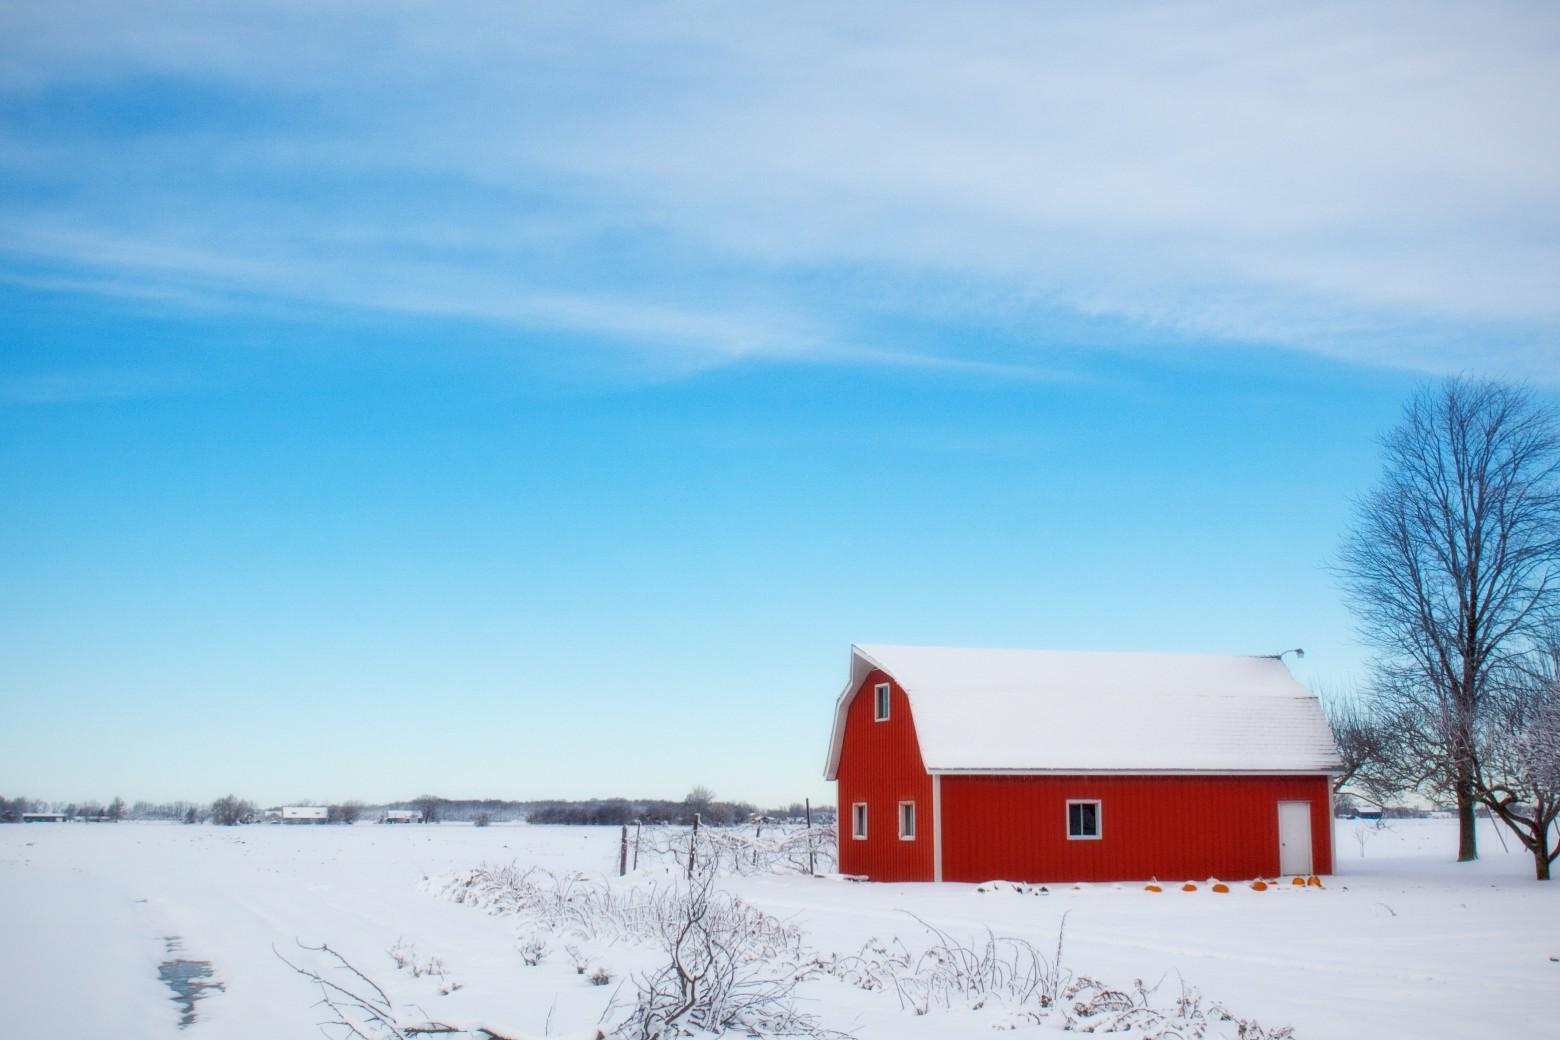 Maison de campagne hiver neige images photos gratuites - Photos de neige gratuites ...